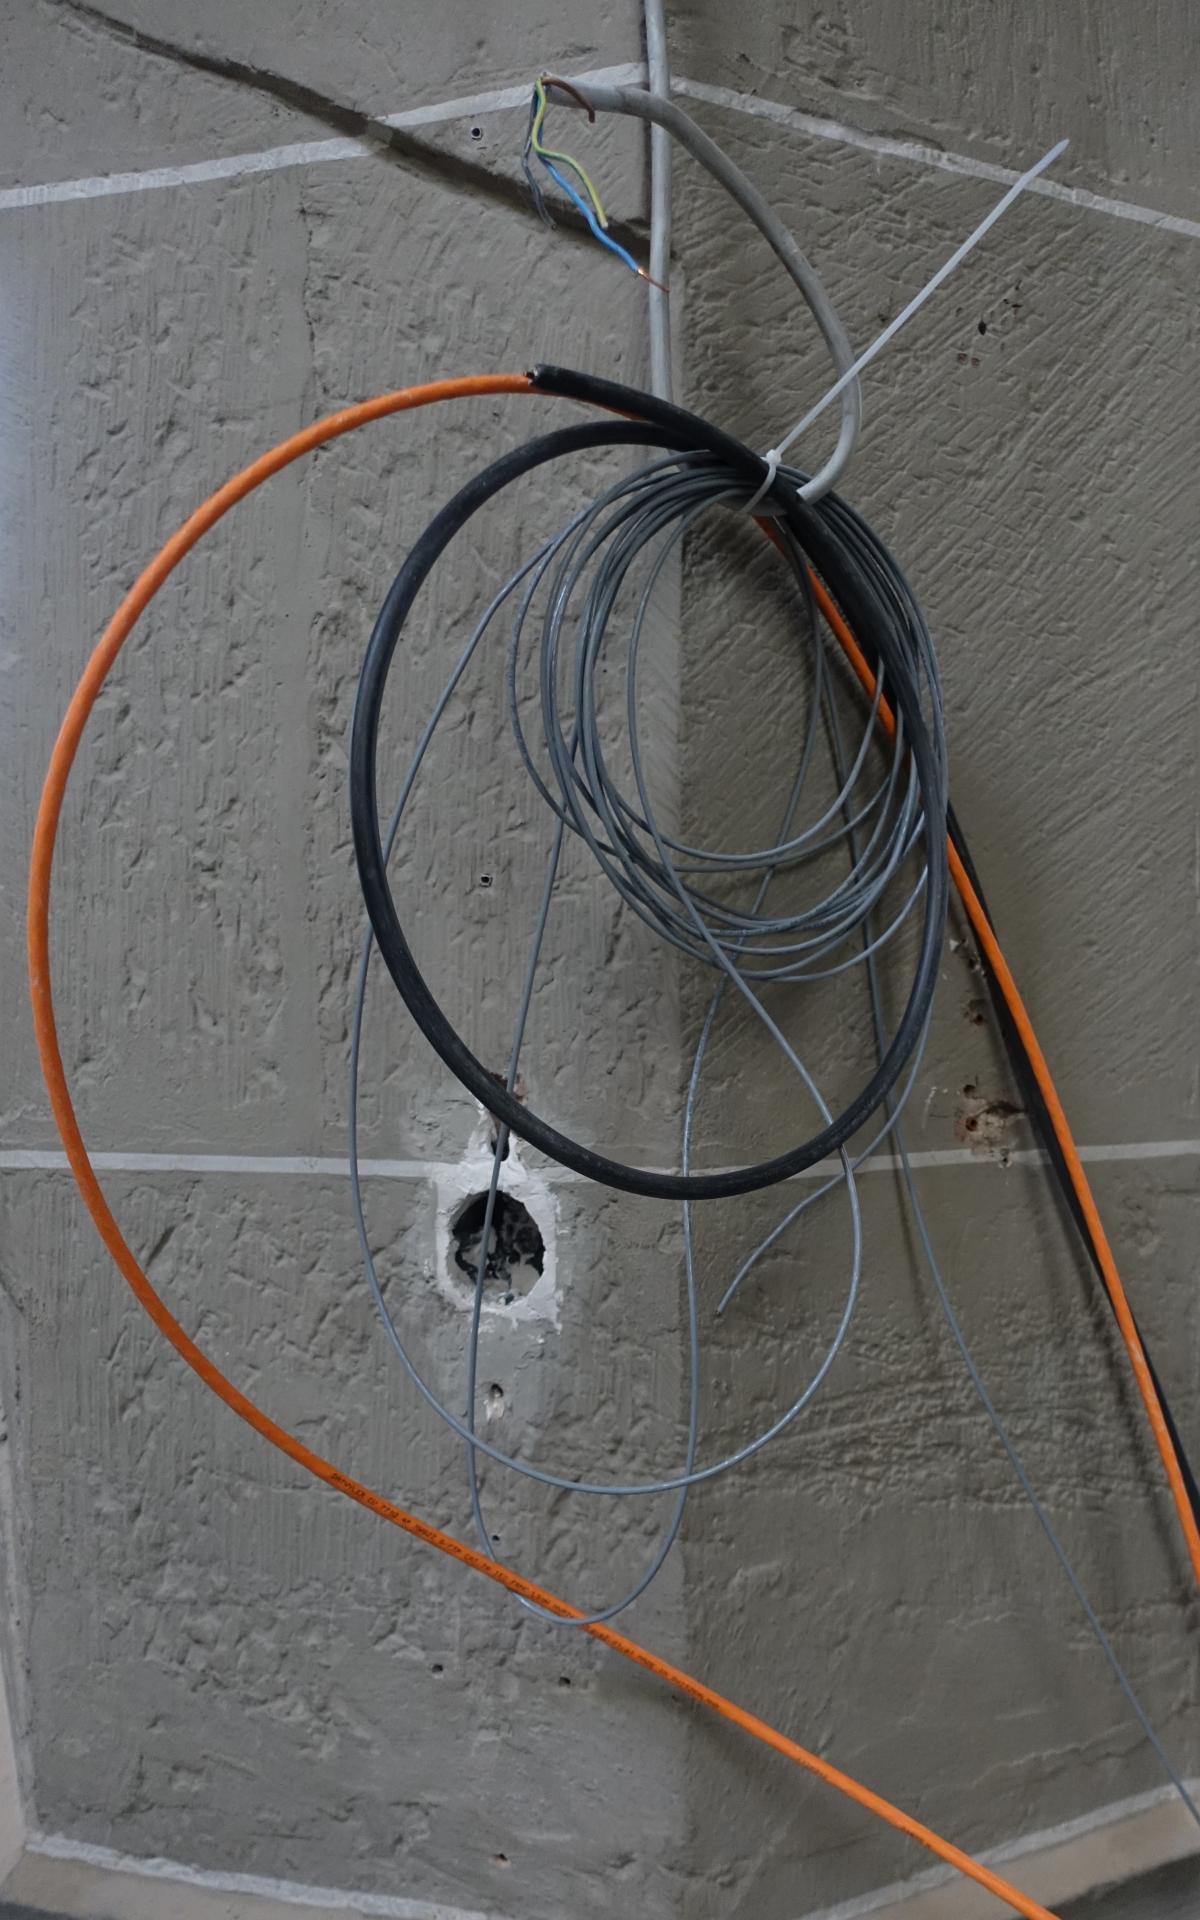 Bild 913 zeigt Kabel, die auf Anschlüsse warten.